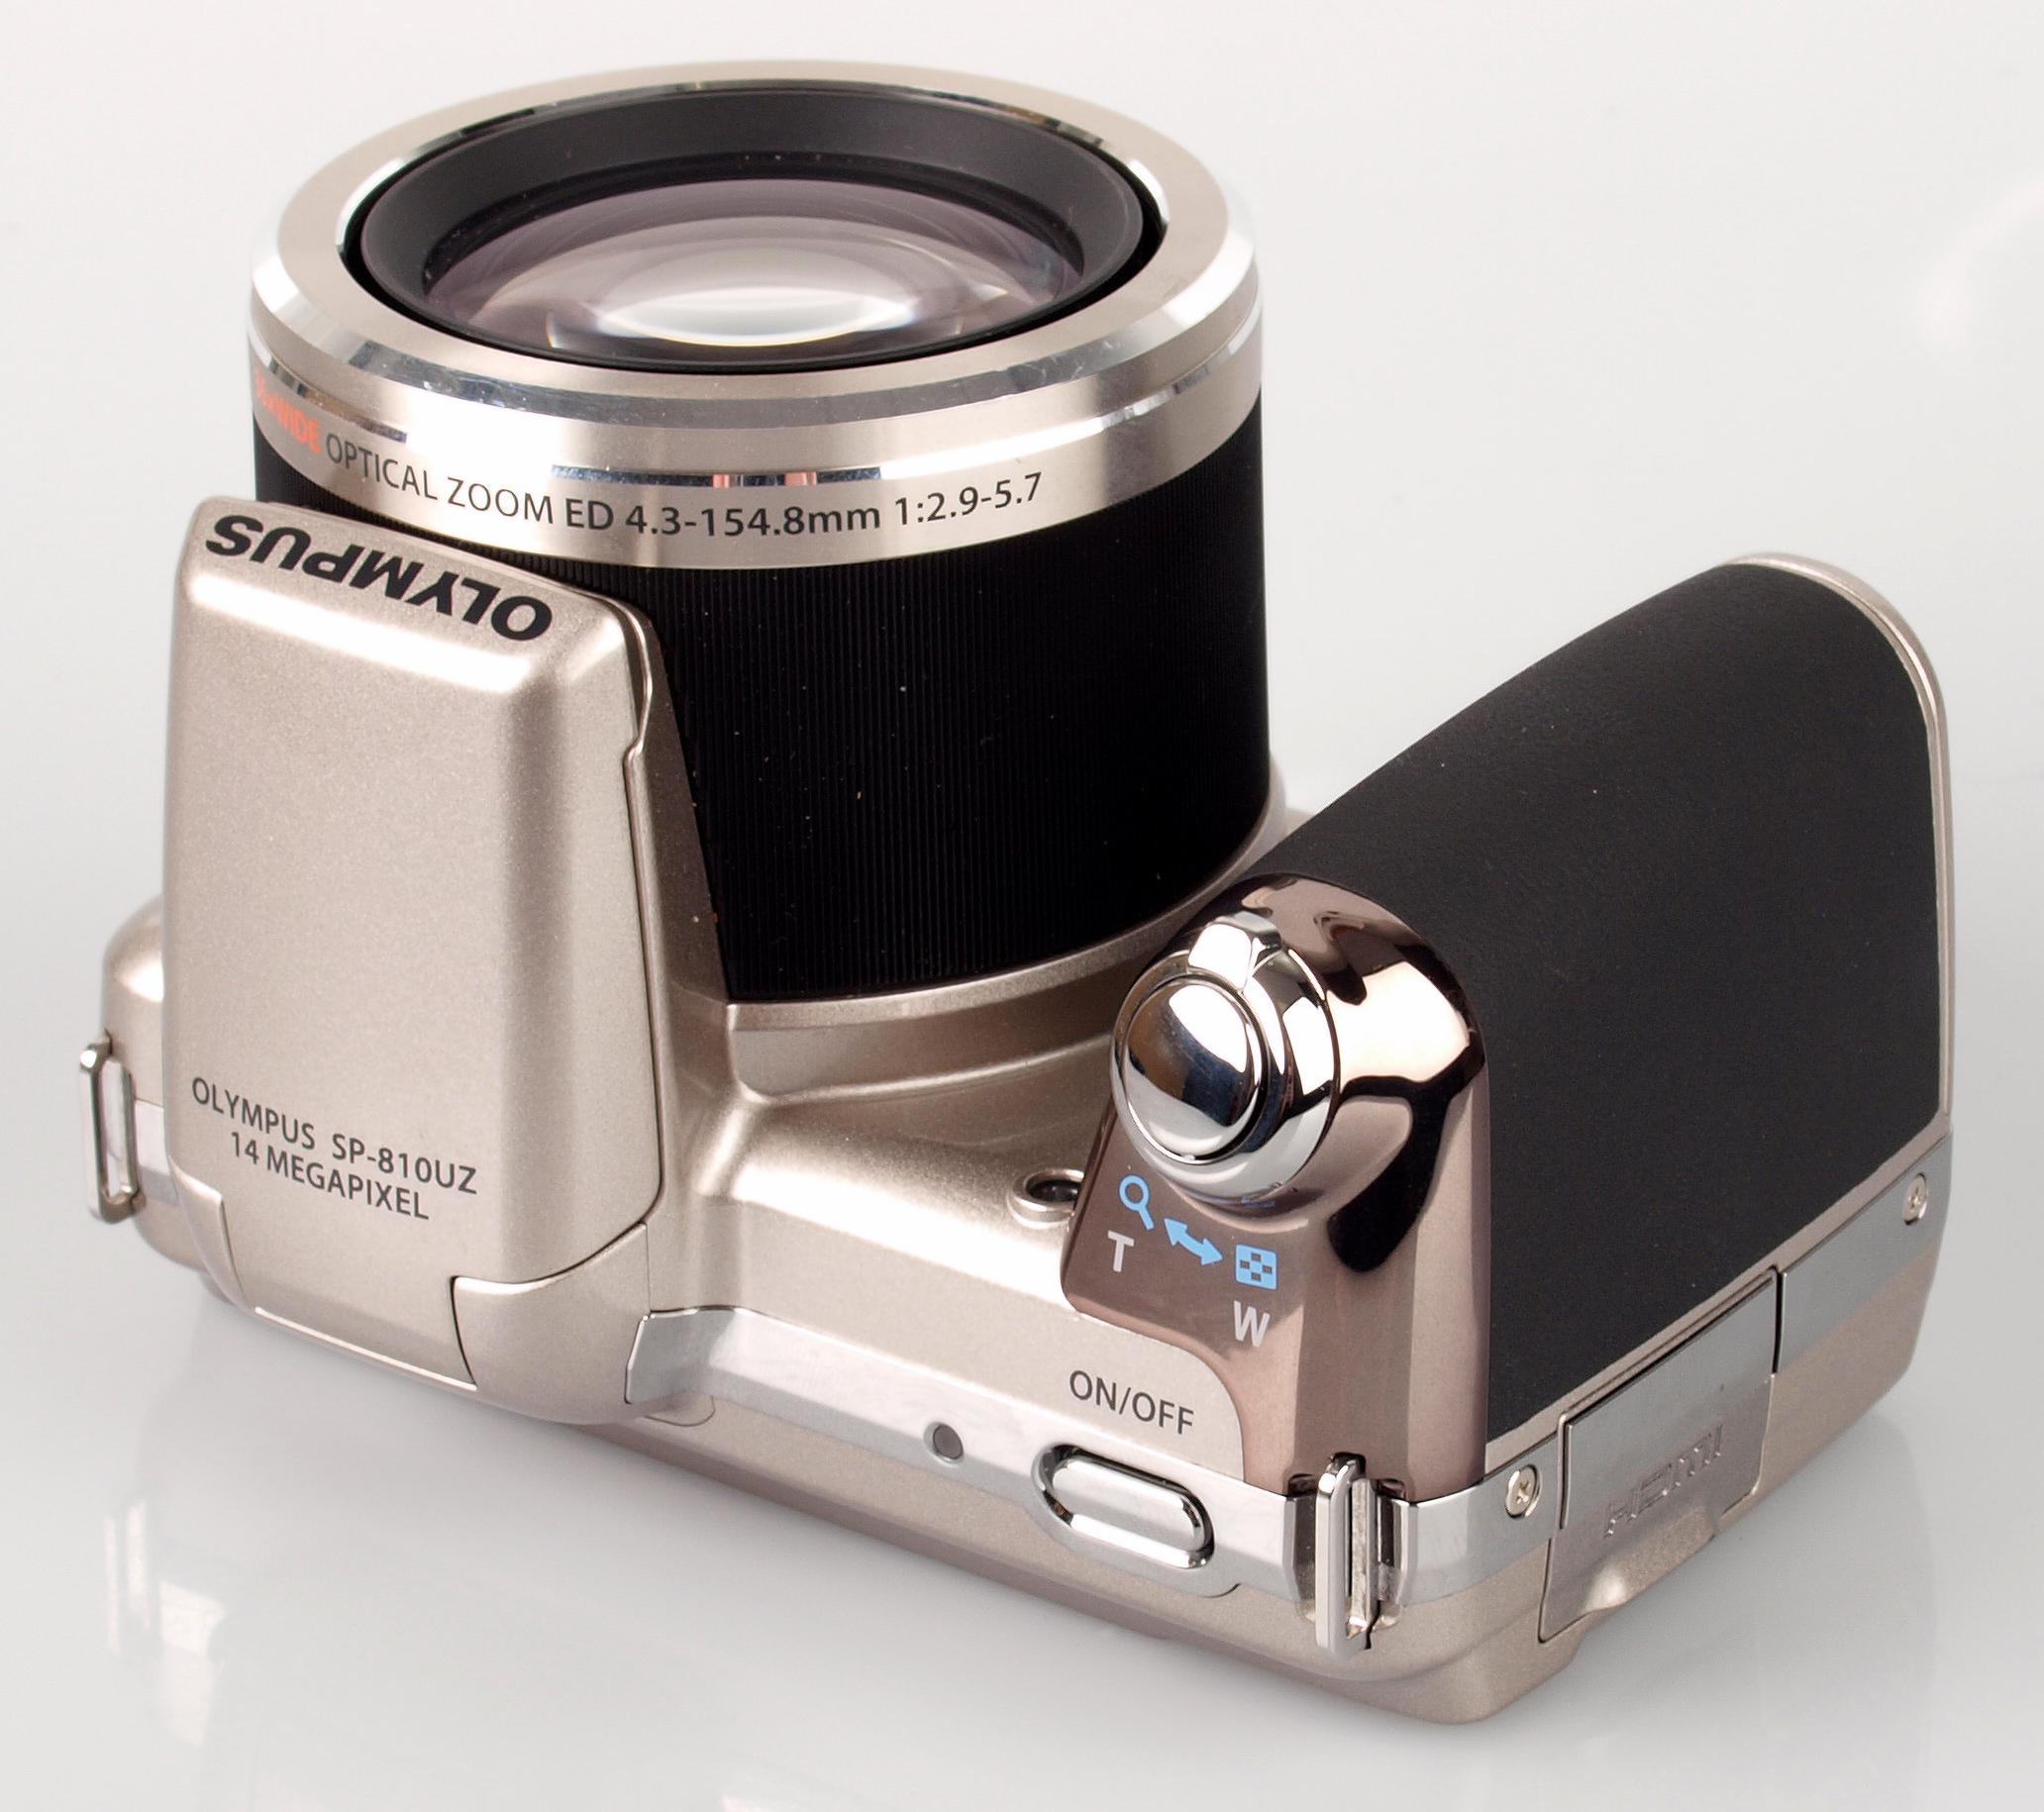 olympus sp 810uz compact digital camera review rh ephotozine com olympus sp-810uz price in india olympus sp 800uz manual